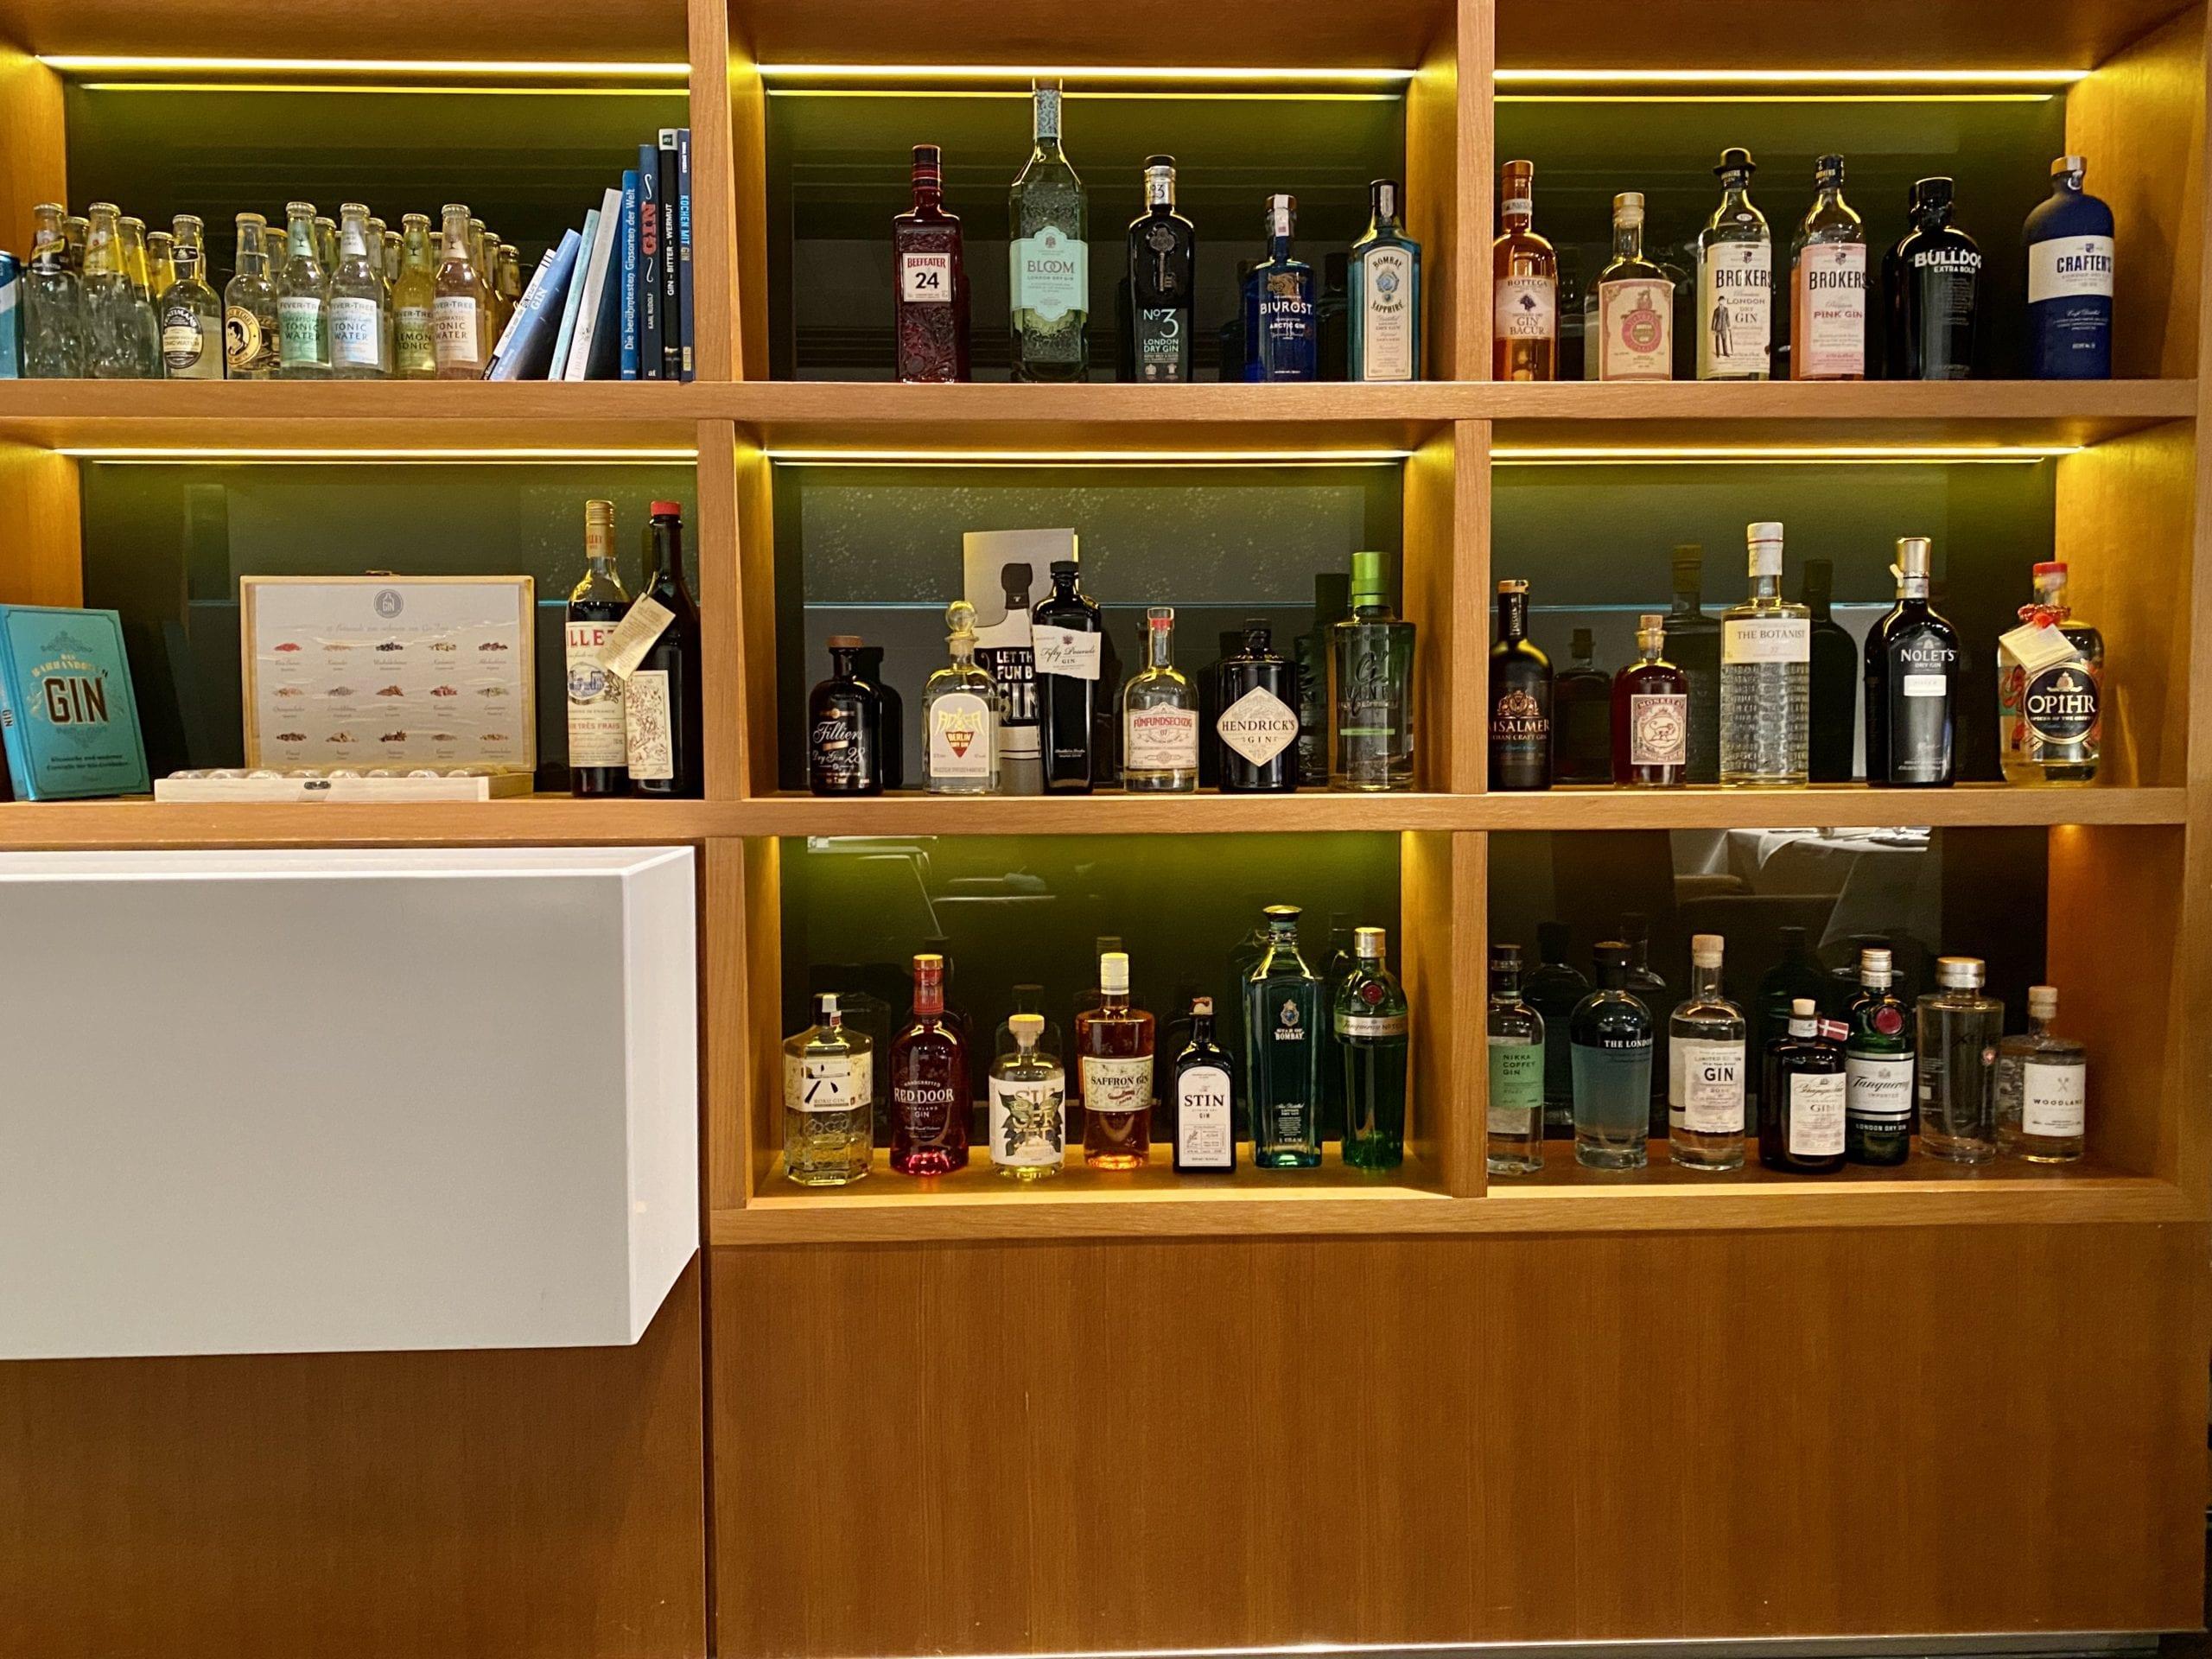 lufthasna first class terminal gin bar